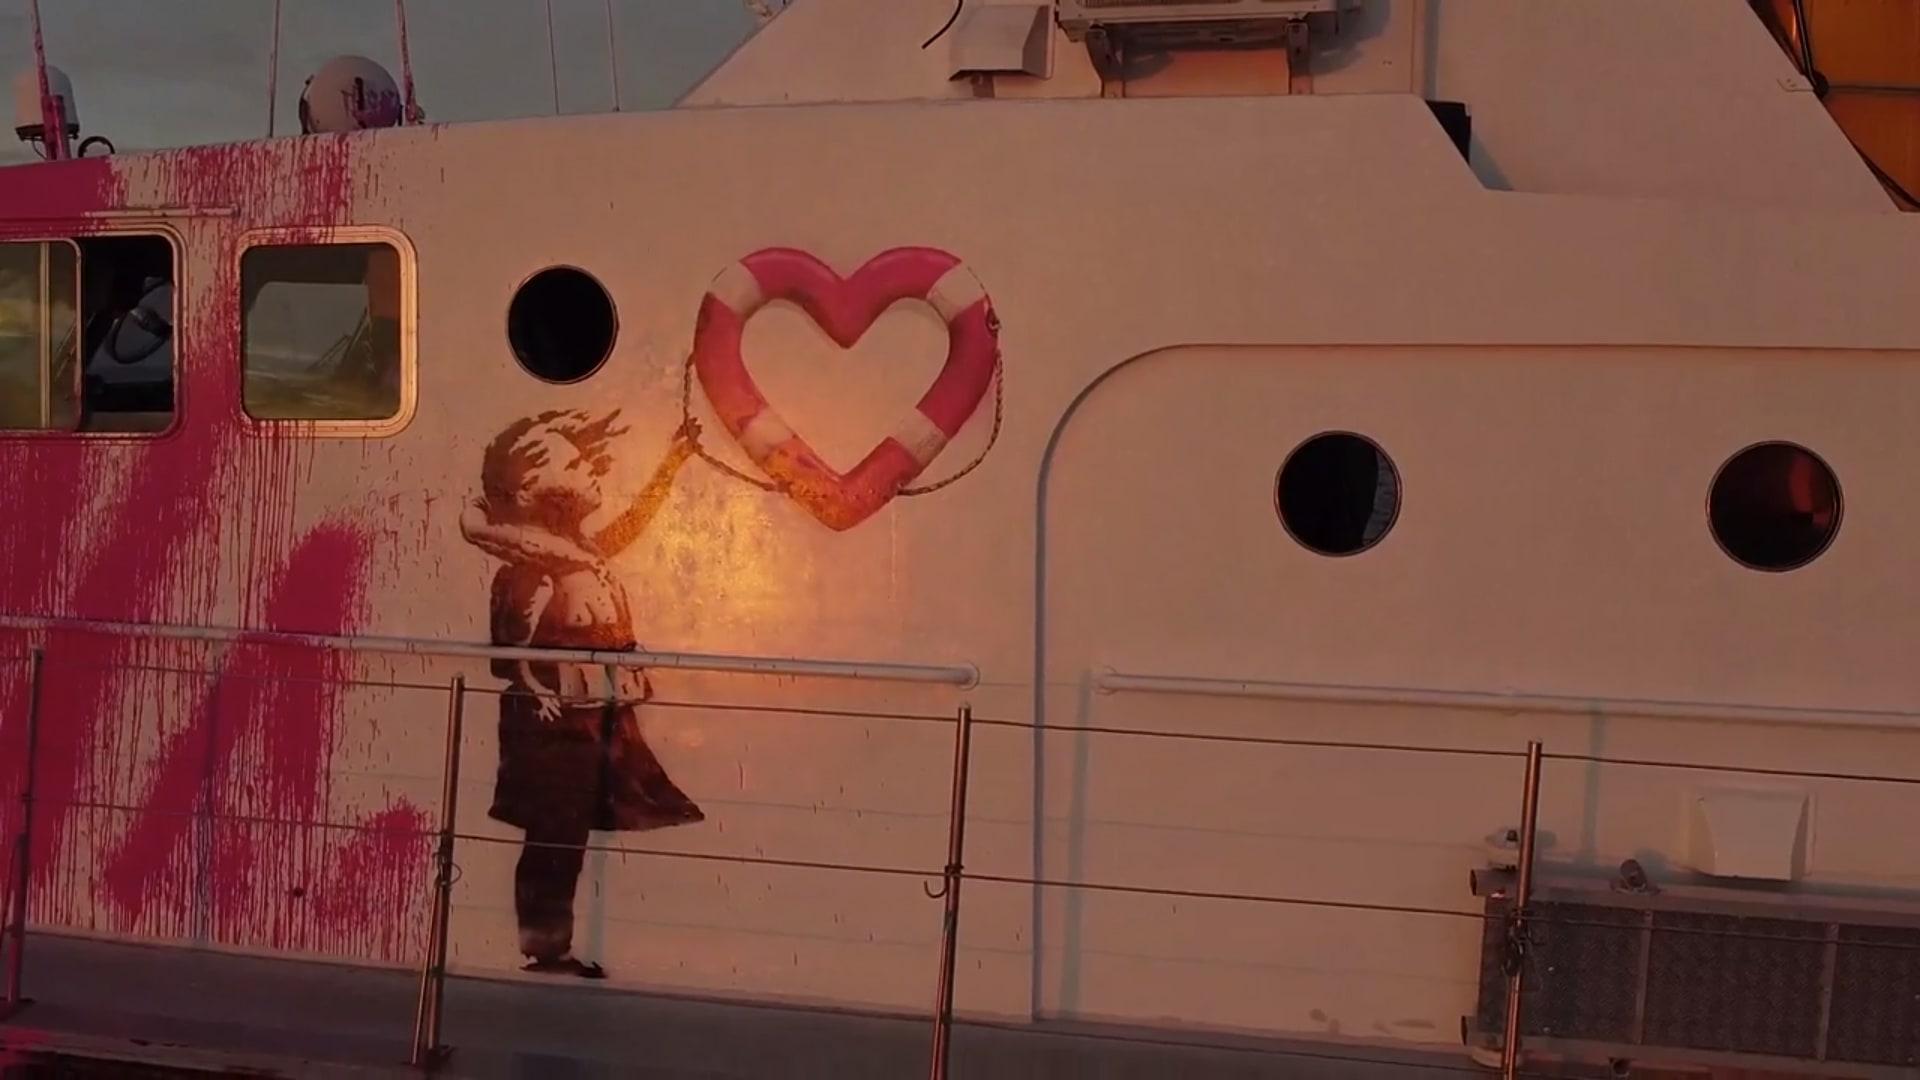 بانكسي يشتري قارب إنقاذ لاجئين ويرشه باللون الوردي